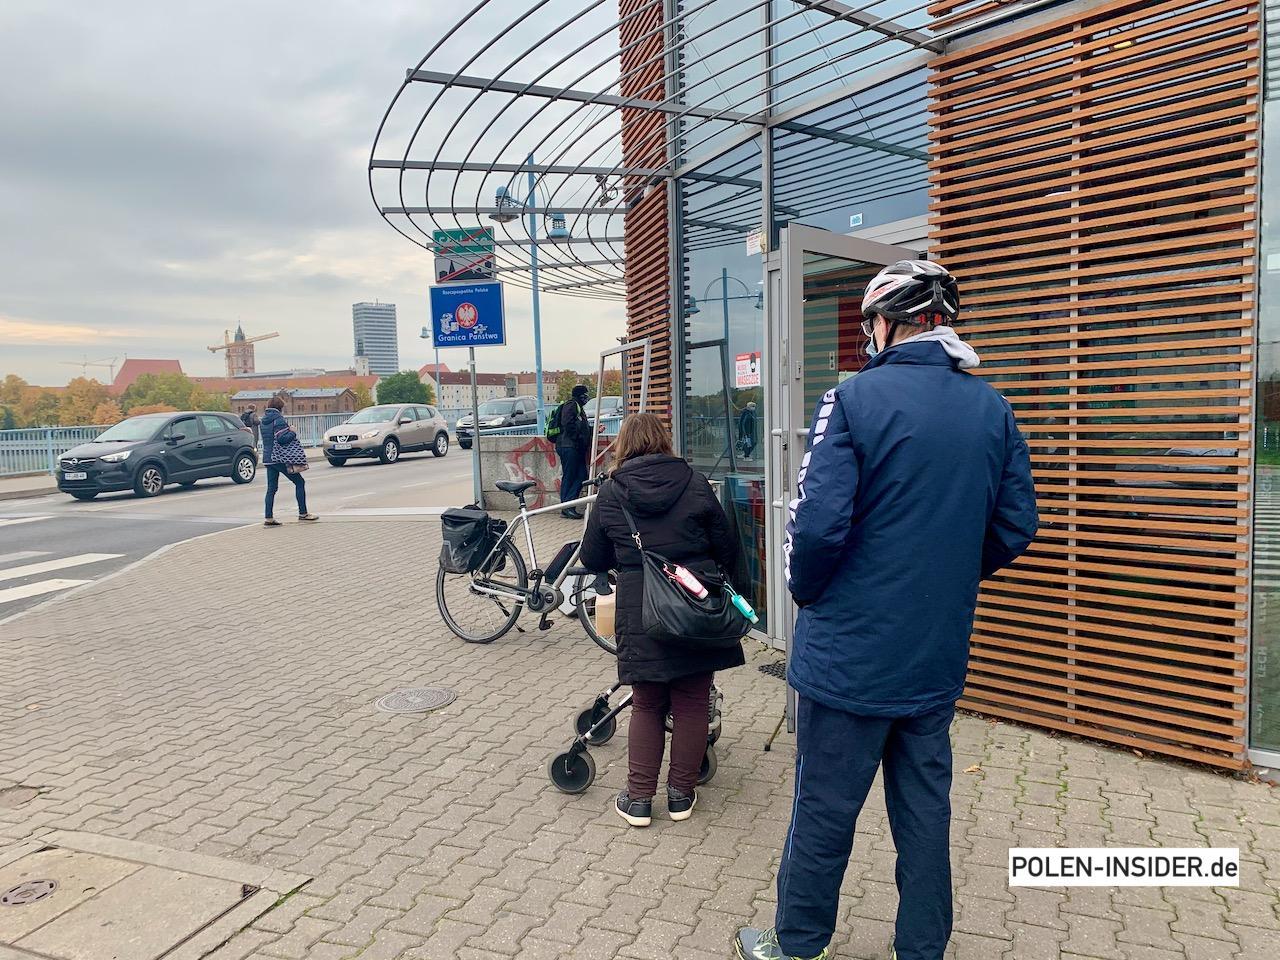 Last-Minute-Shopping in Polen